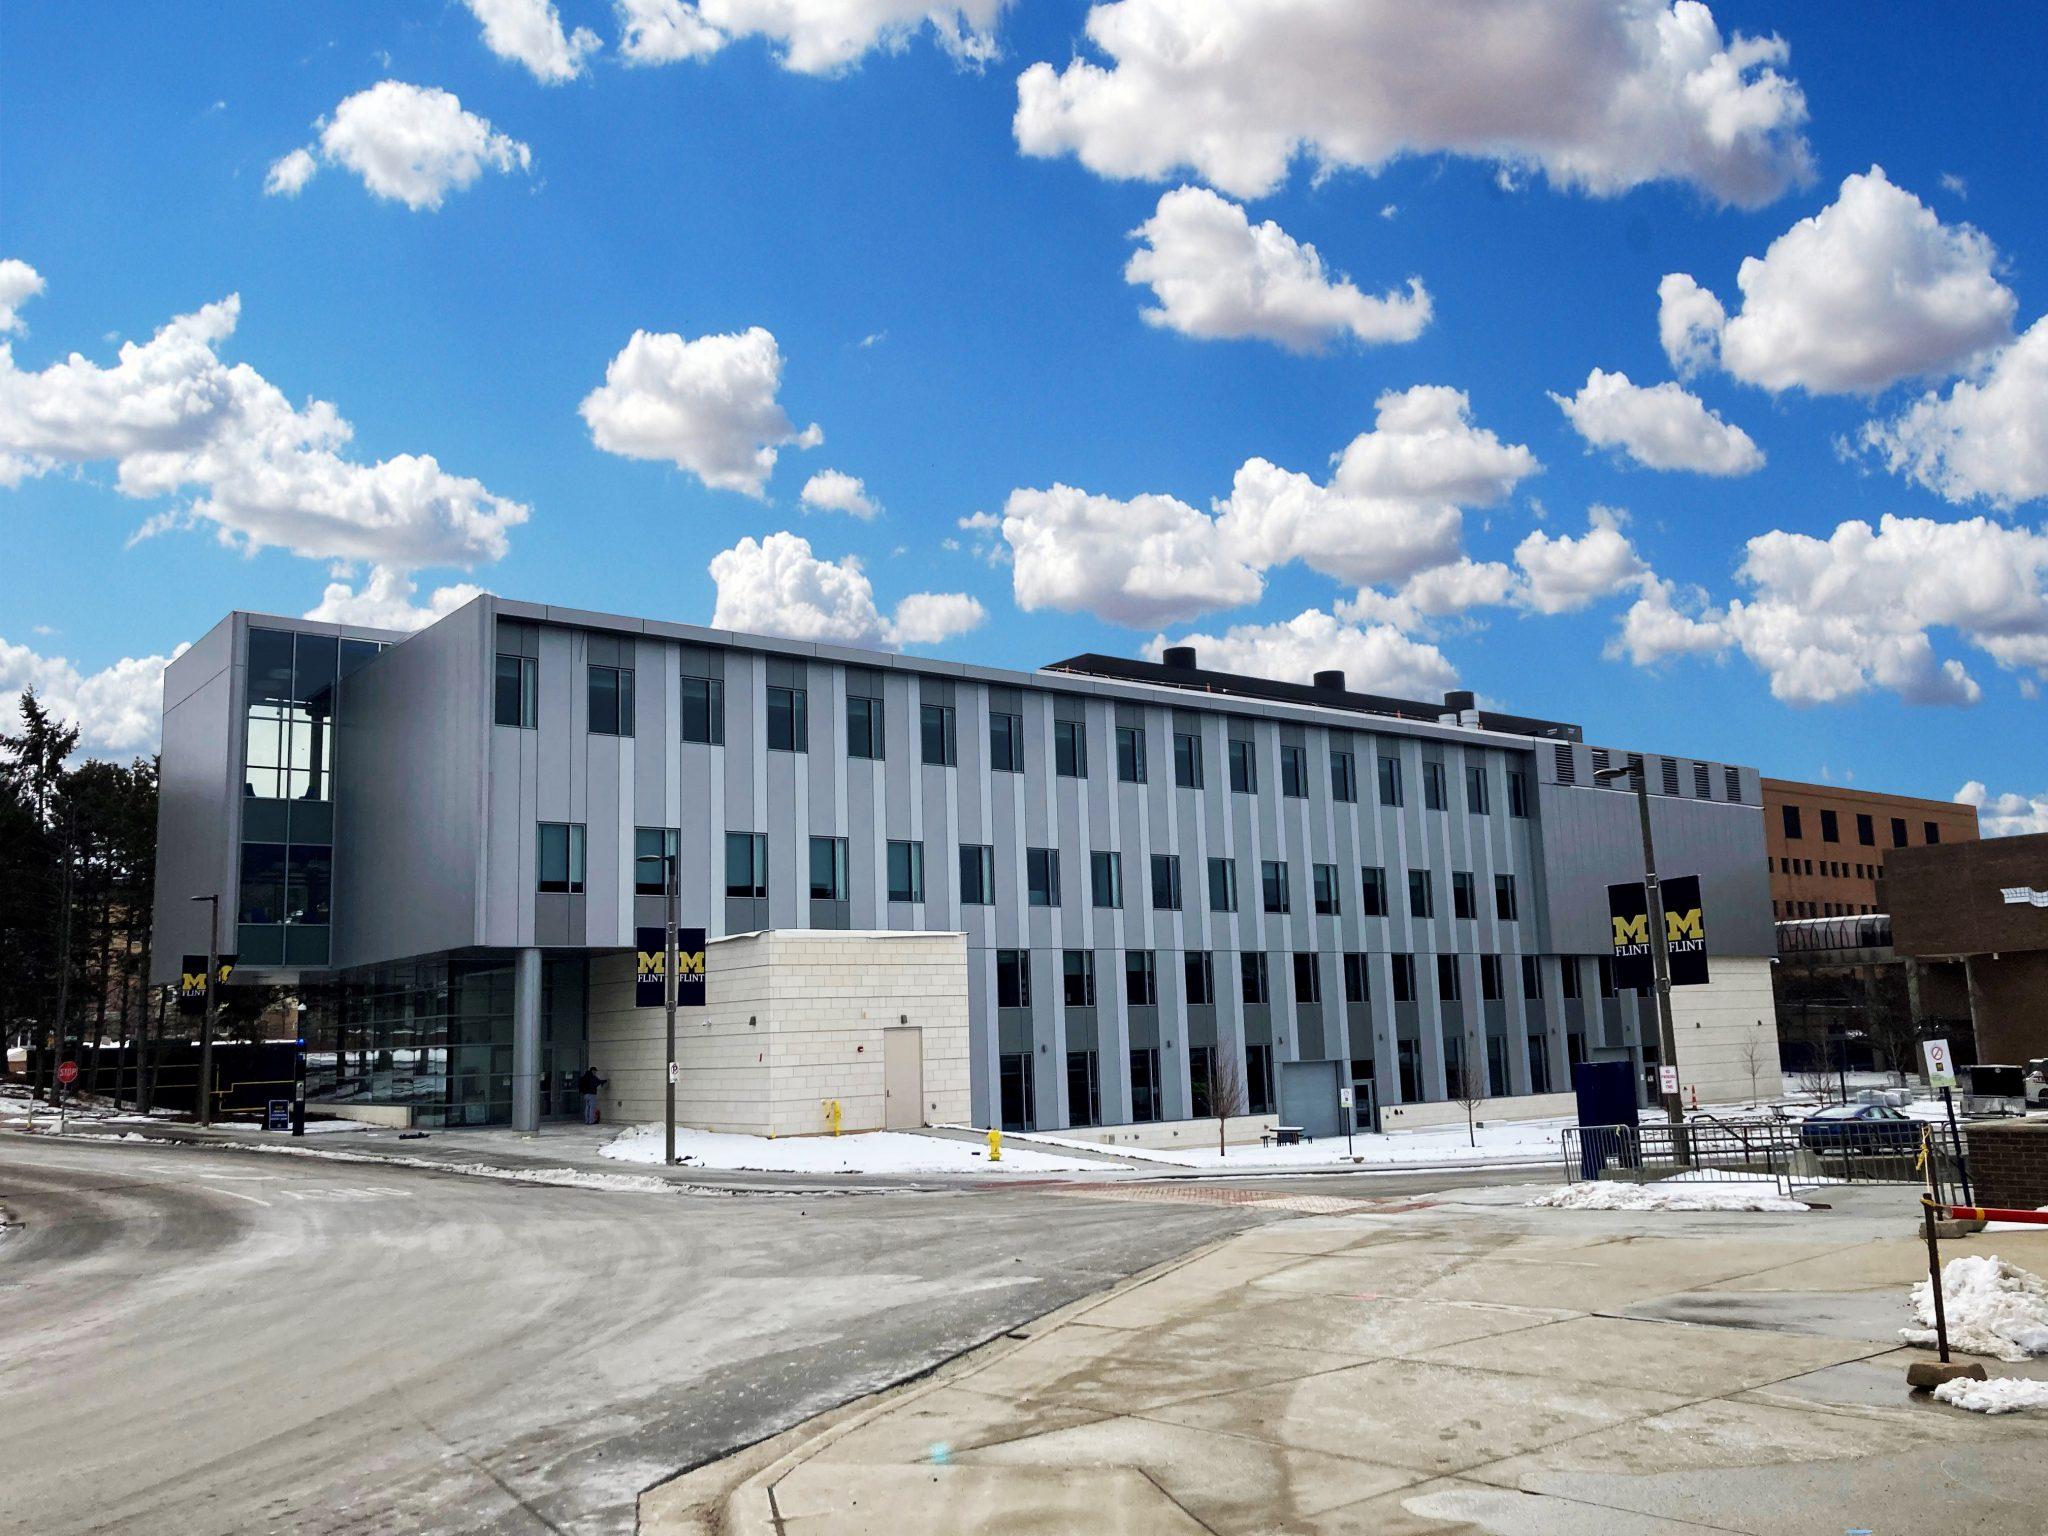 11UM Murchie Hall exterior with snow